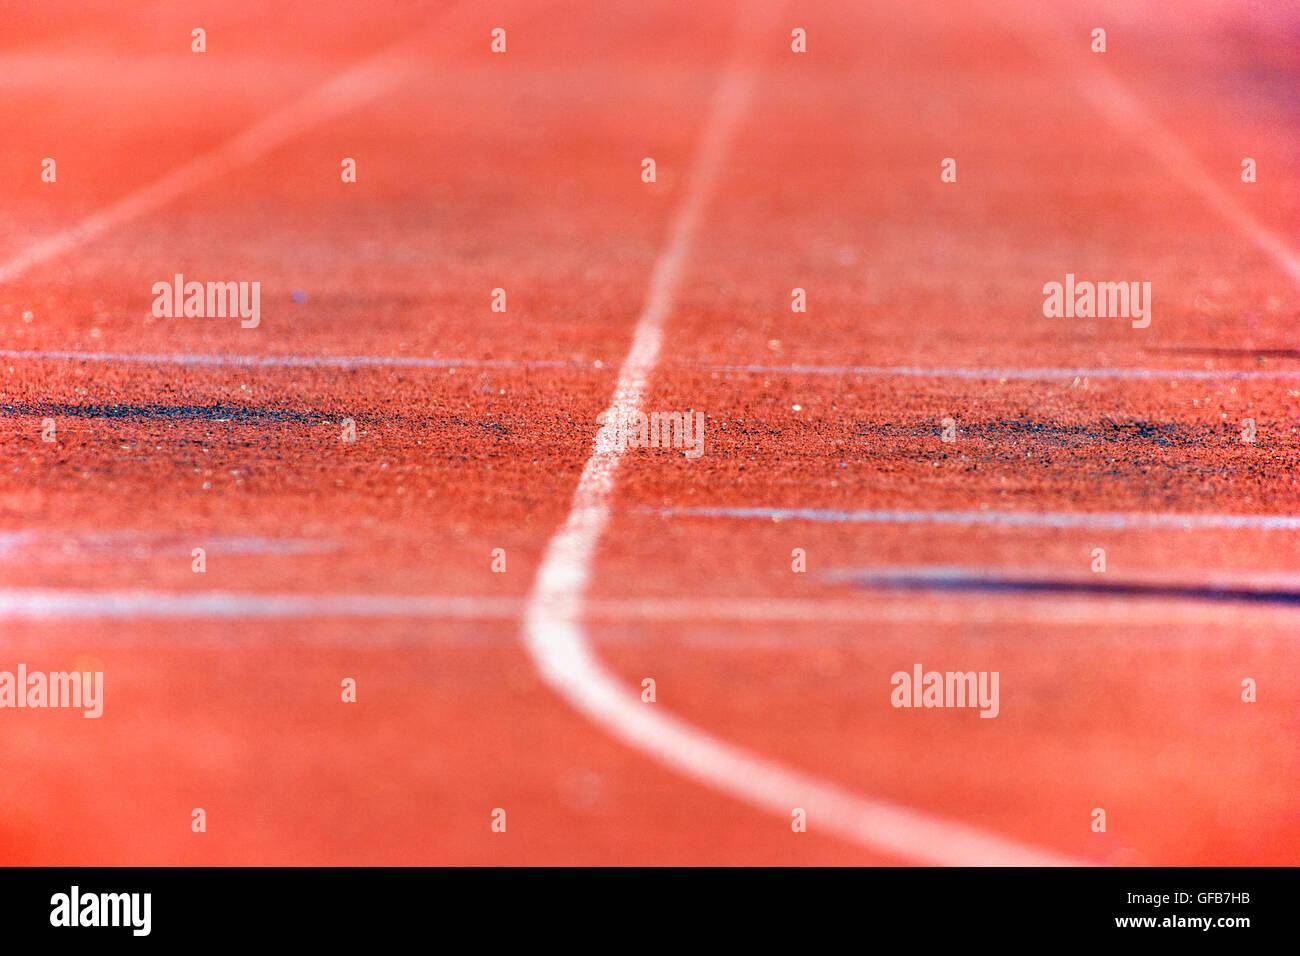 Cerca de la superficie de la pista sintética en un colegio Track & Field reunirá Imagen De Stock